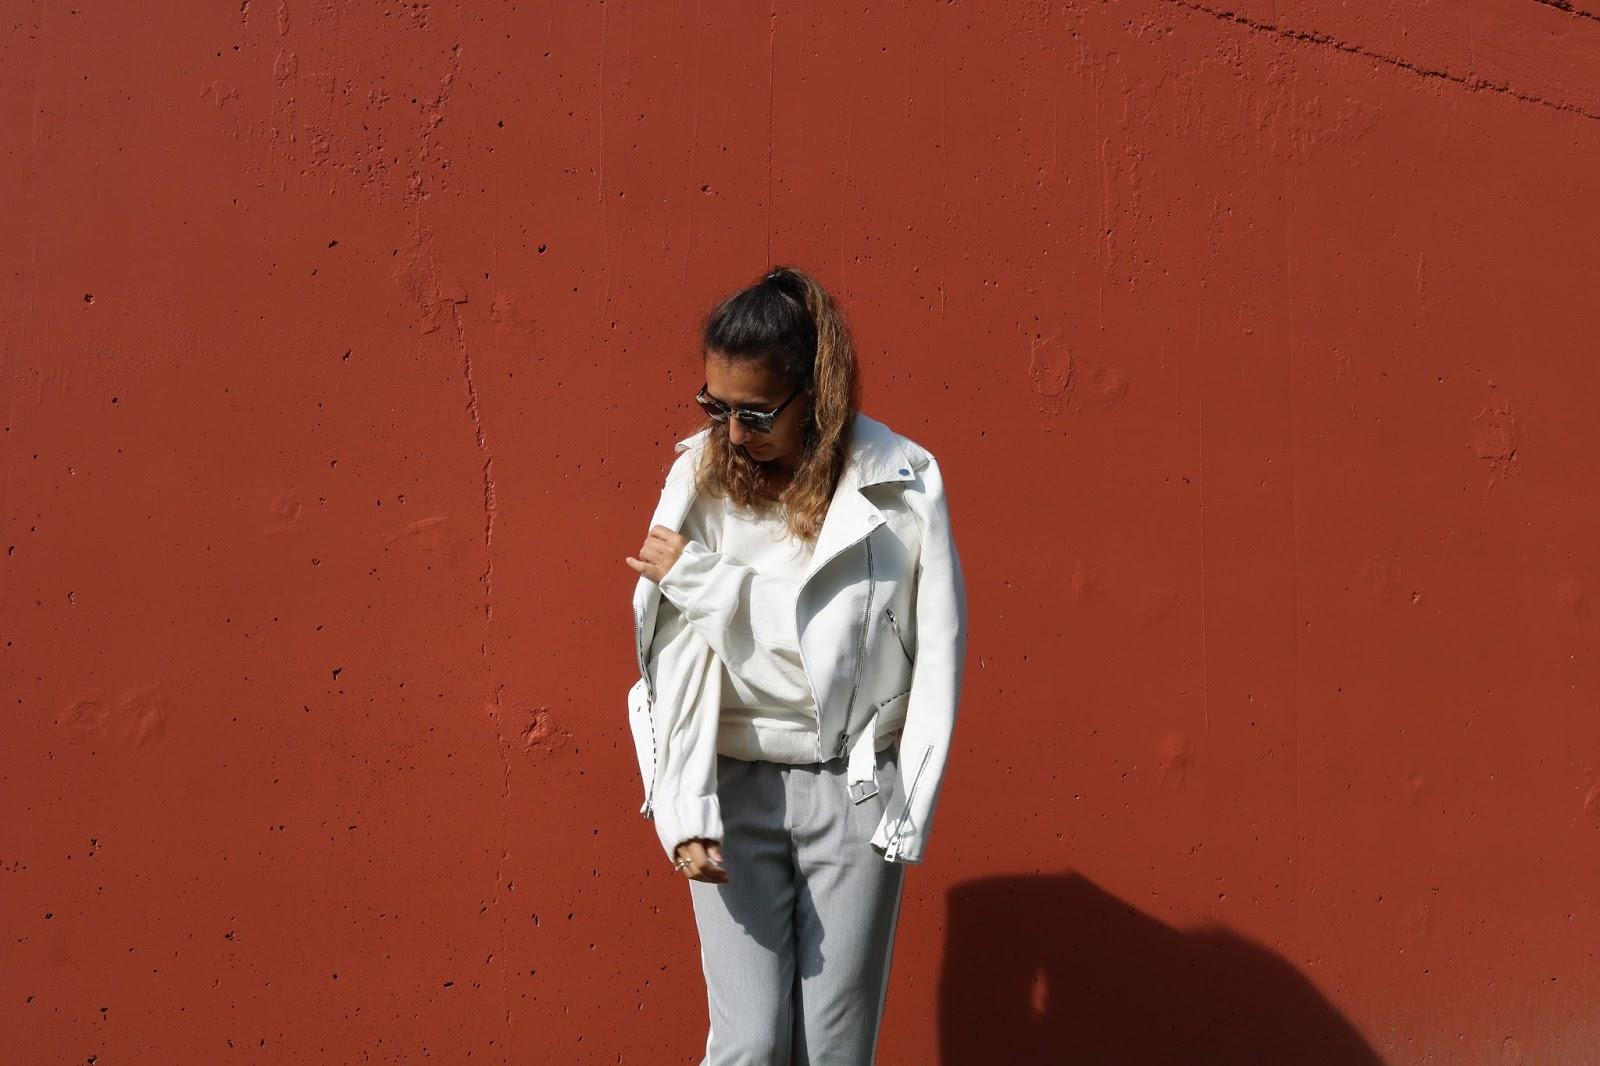 blog blogger blogging comment augmenter son lectorat mode fashion lifestyle comment développer son blog faire connaitre son blog l'importance des réseaux sociaux aggrandir les lecteurs toucher plus de monde référencement SEO deauville zara